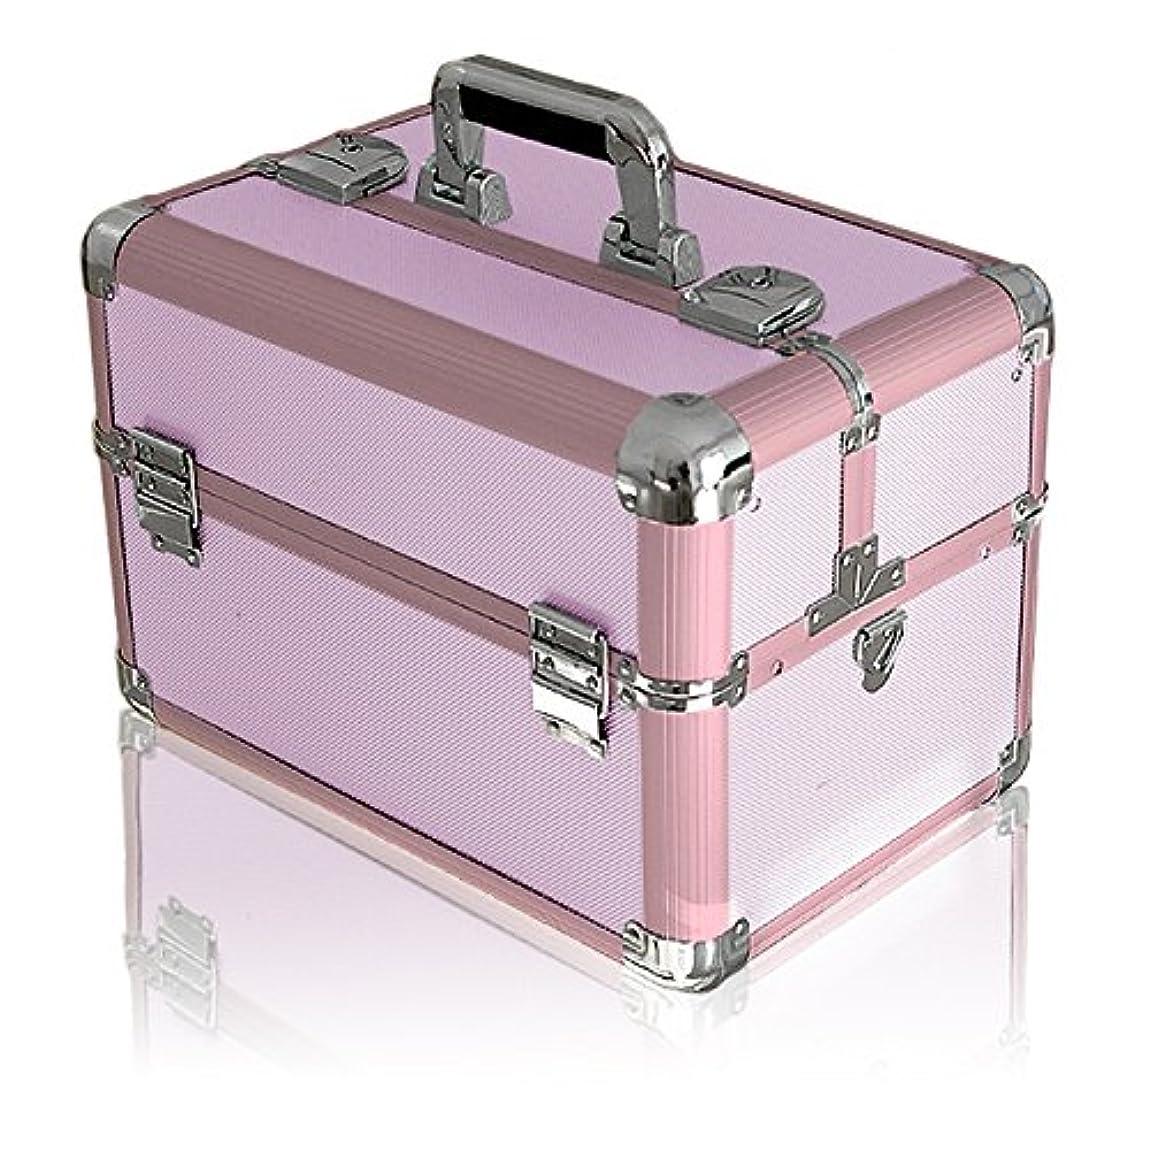 揮発性フェローシップ魅力的であることへのアピールottostyle.jp メイクボックス コスメボックス Lサイズ 【ピンク】 37×24.5×27.5cm 観音開き アルミ プロ仕様 鍵付き ツールボックス 工具箱